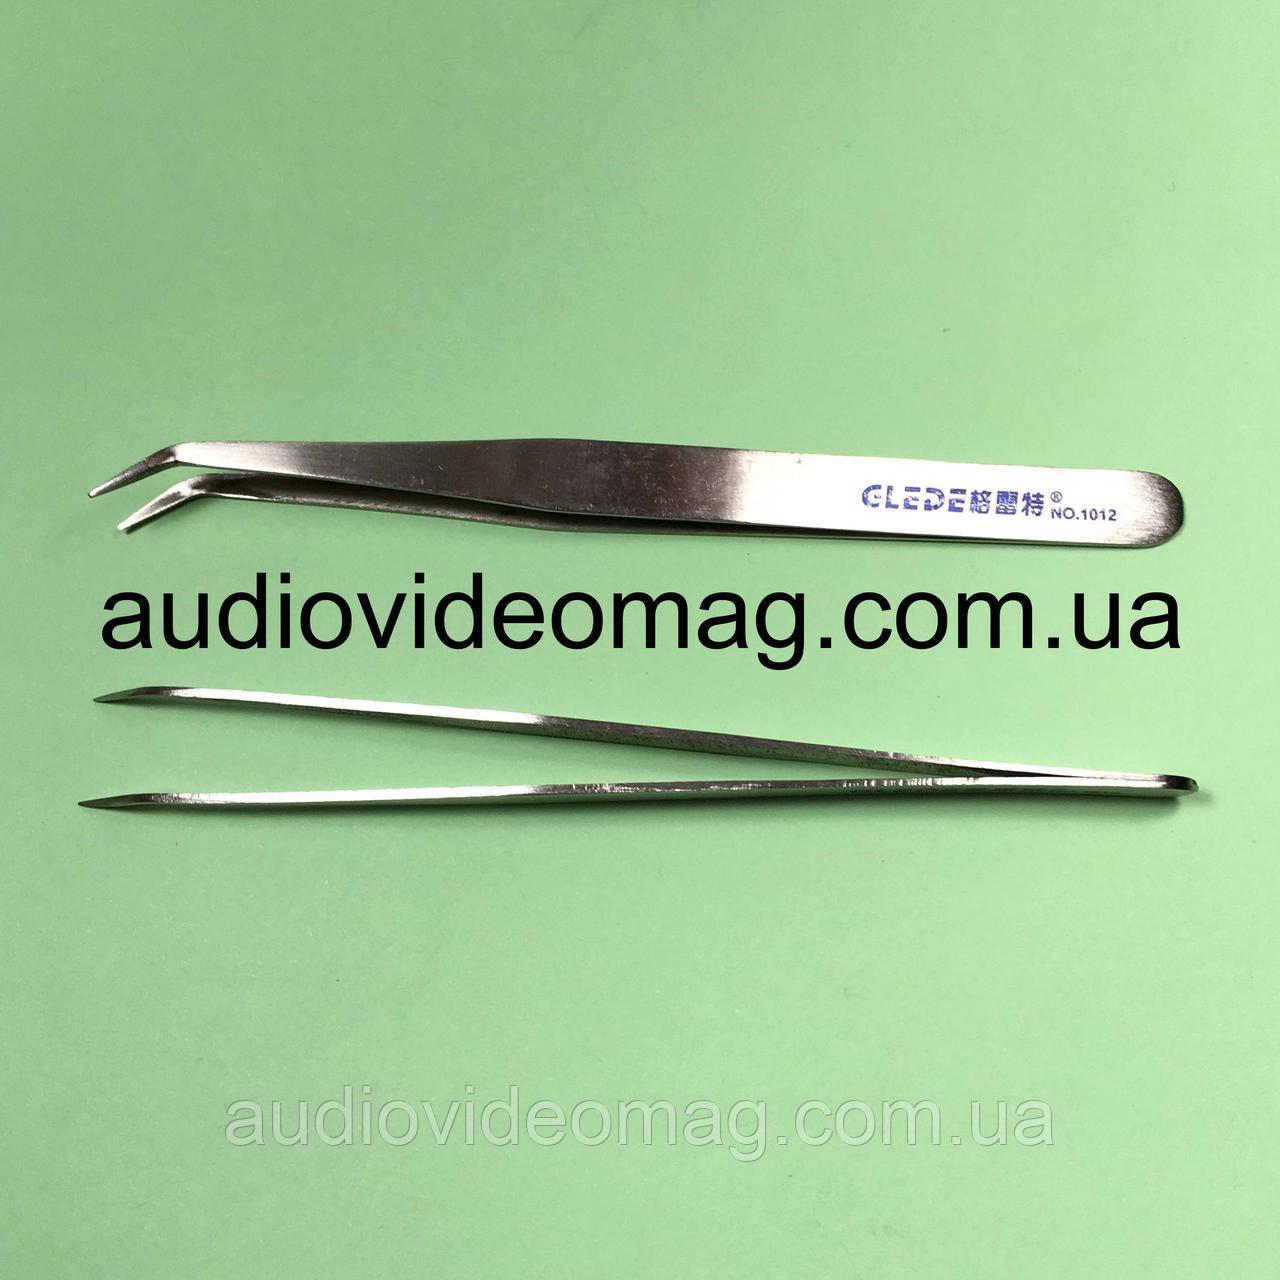 Пинцет немагнитный GLEDE 1012 изогнутый из нержавеющей стали, острые концы